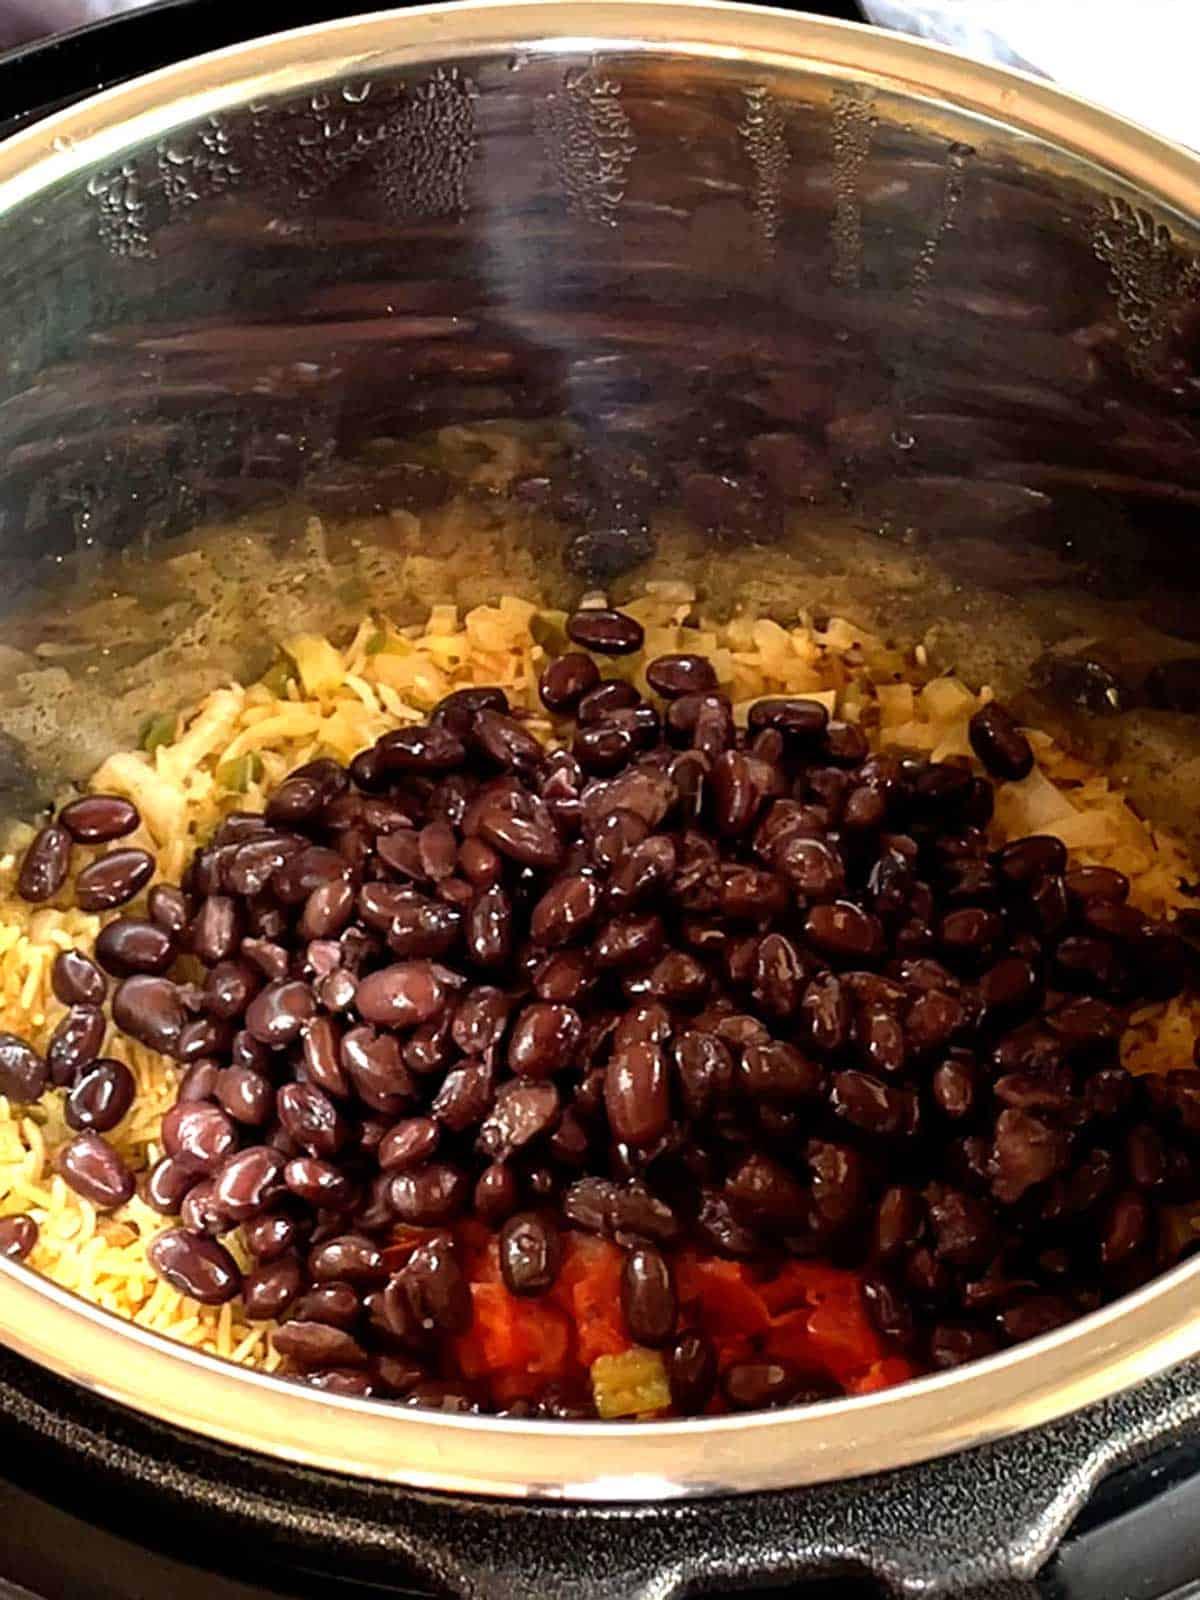 Adding Black Beans